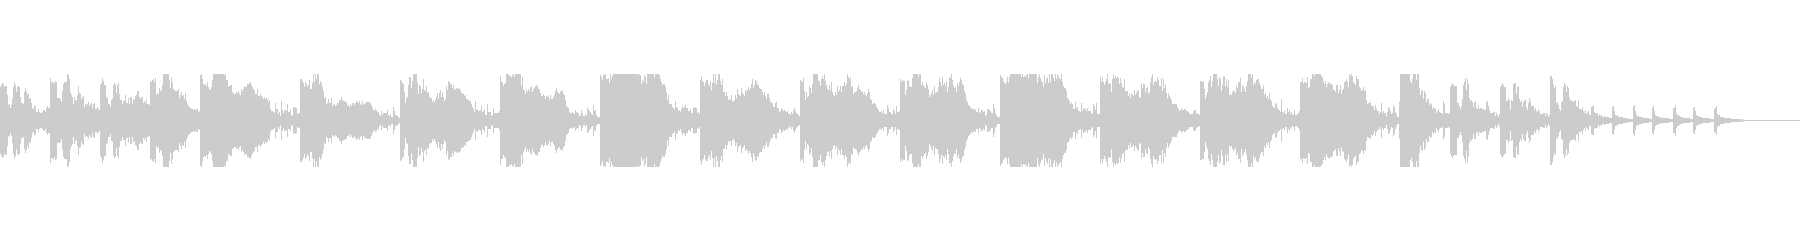 【雰囲気系】カラスと秒針、不気味な曲の未再生の波形